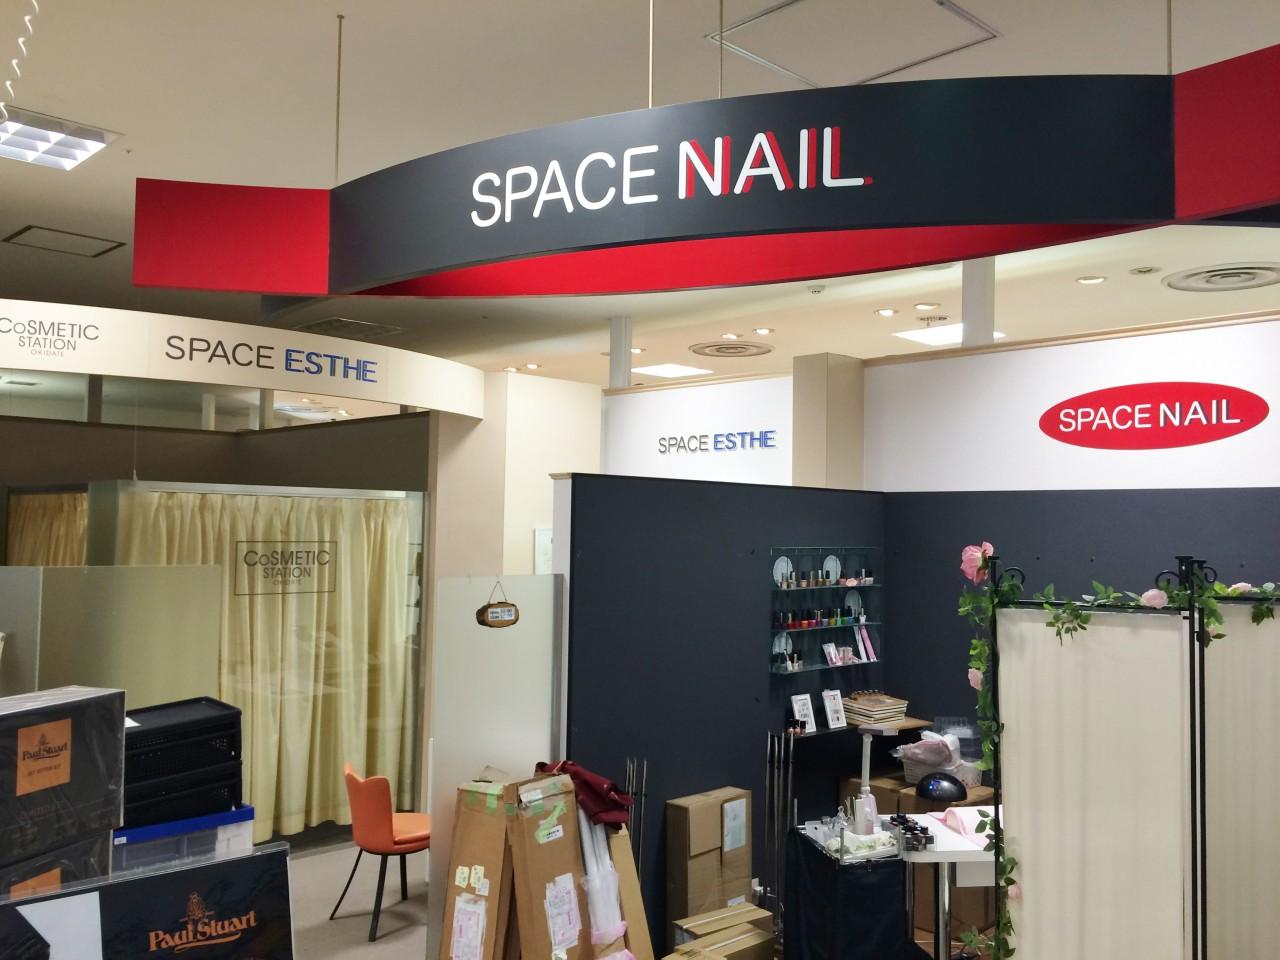 コスメティックステーション OKIDATE(オキダテ) SPACE NAIL(スペースネイル)